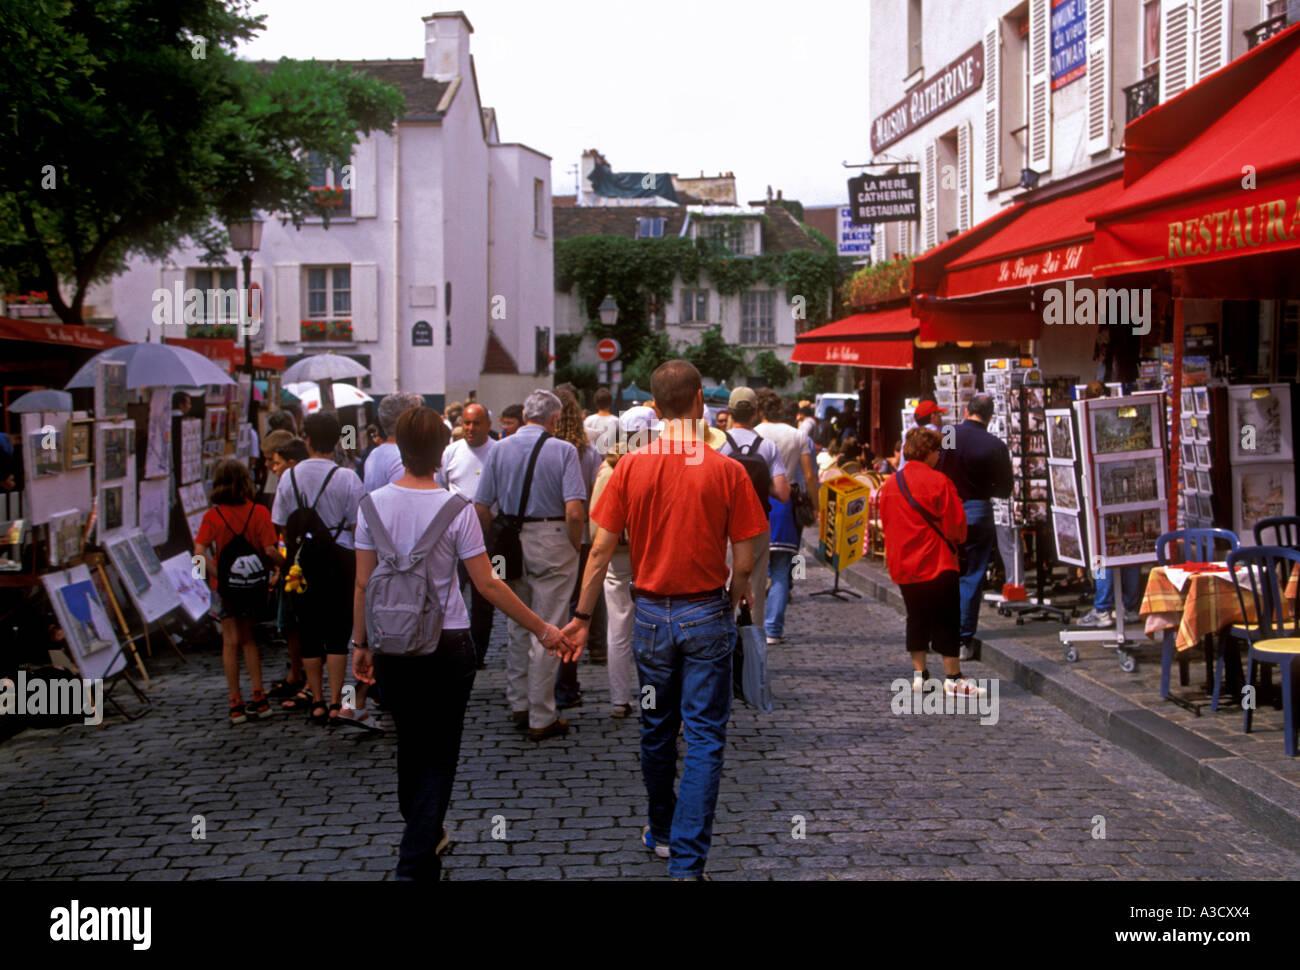 Deux personnes les touristes visiteurs Place du Tertre de Montmartre Paris Ile-de-France France Europe Banque D'Images